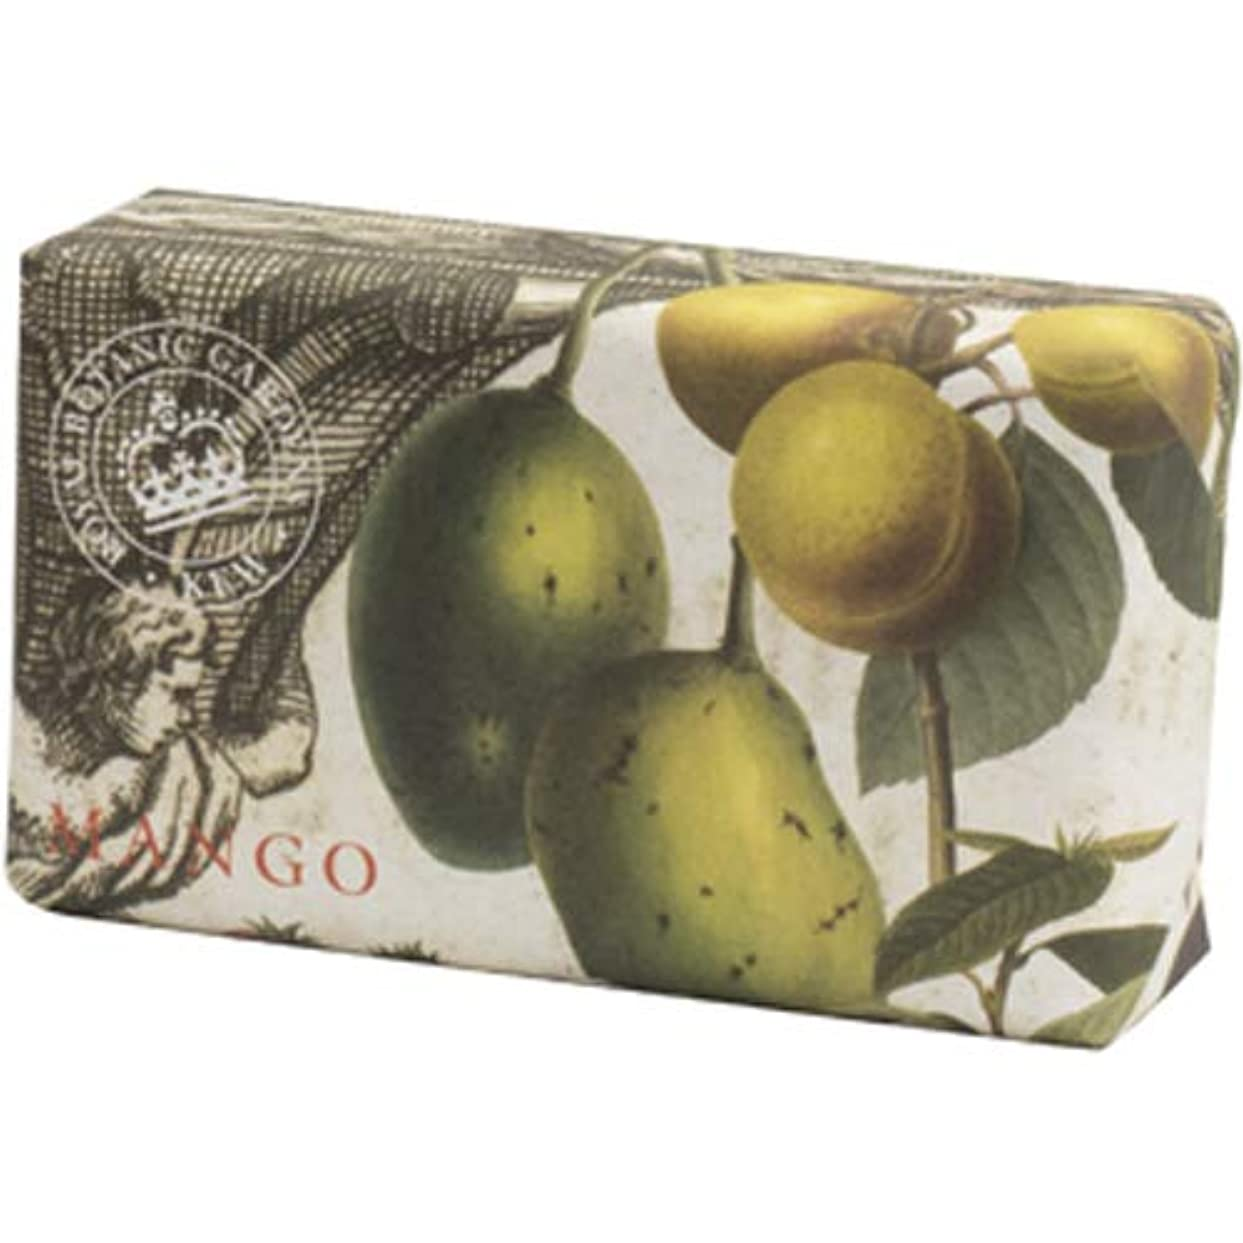 通貨成人期礼儀English Soap Company イングリッシュソープカンパニー KEW GARDEN キュー?ガーデン Luxury Shea Soaps シアソープ Mango マンゴー